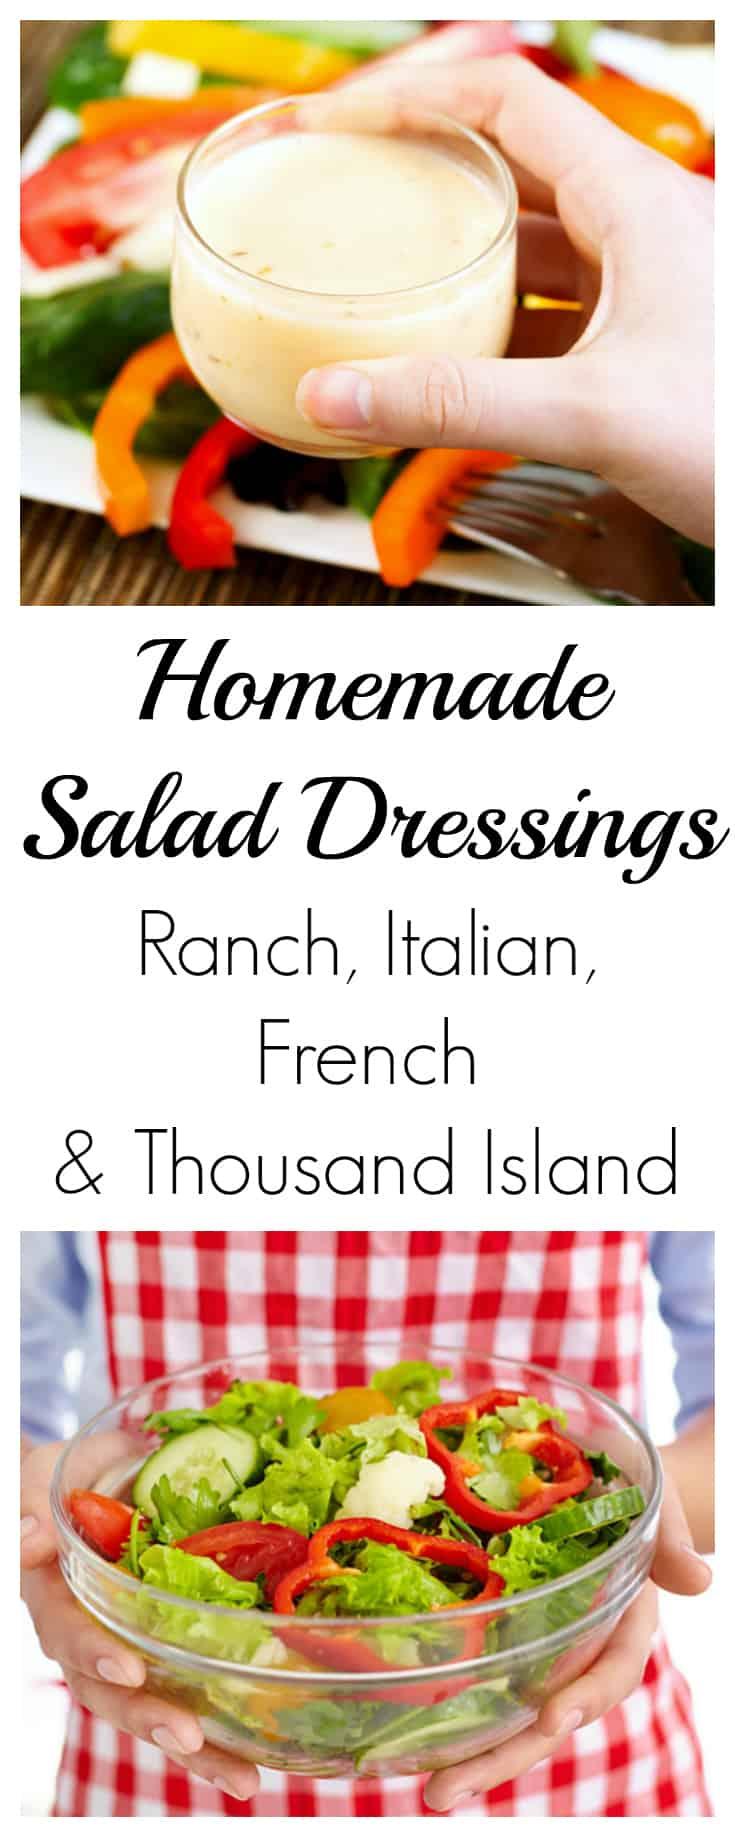 Four Homemade Salad Dressing Recipes | #saladrecipes #makeyourown